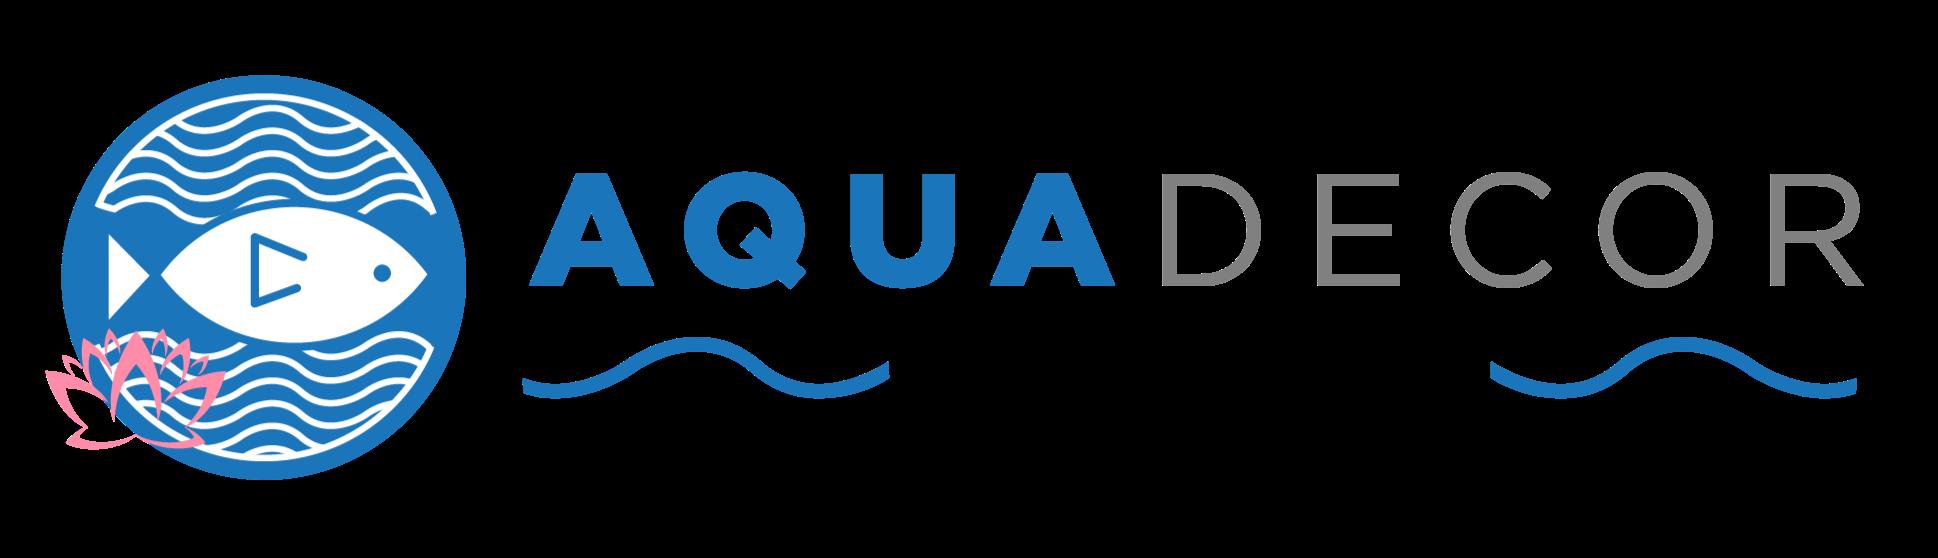 aquadecor